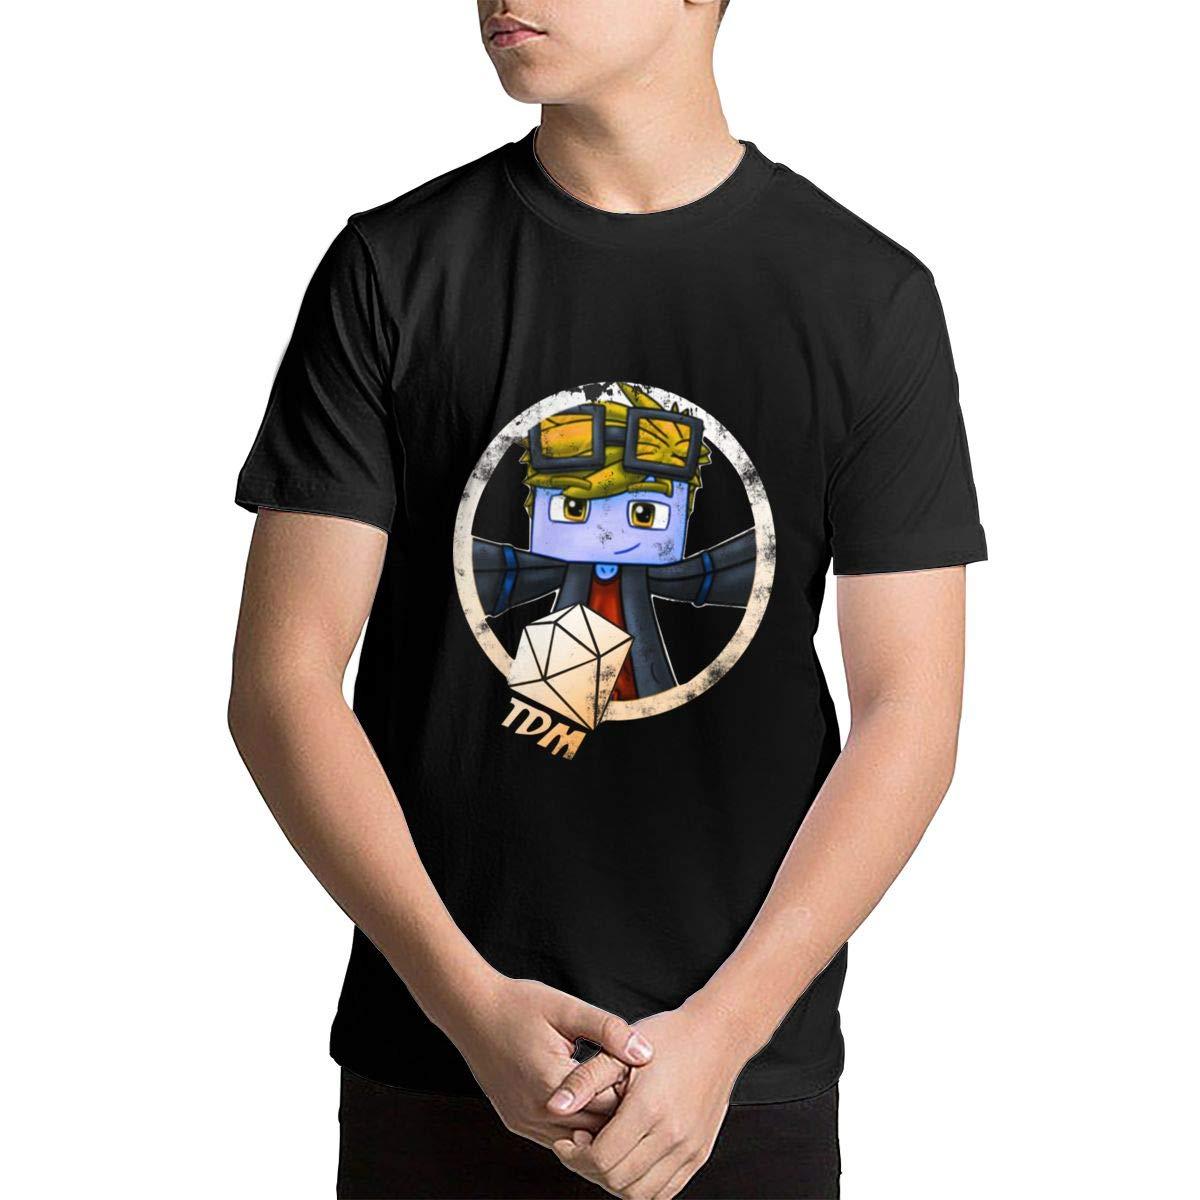 Dantdm Dan Tdm Logo Teenage Teens Custom Tshirt Fashion Shirt For And Girl